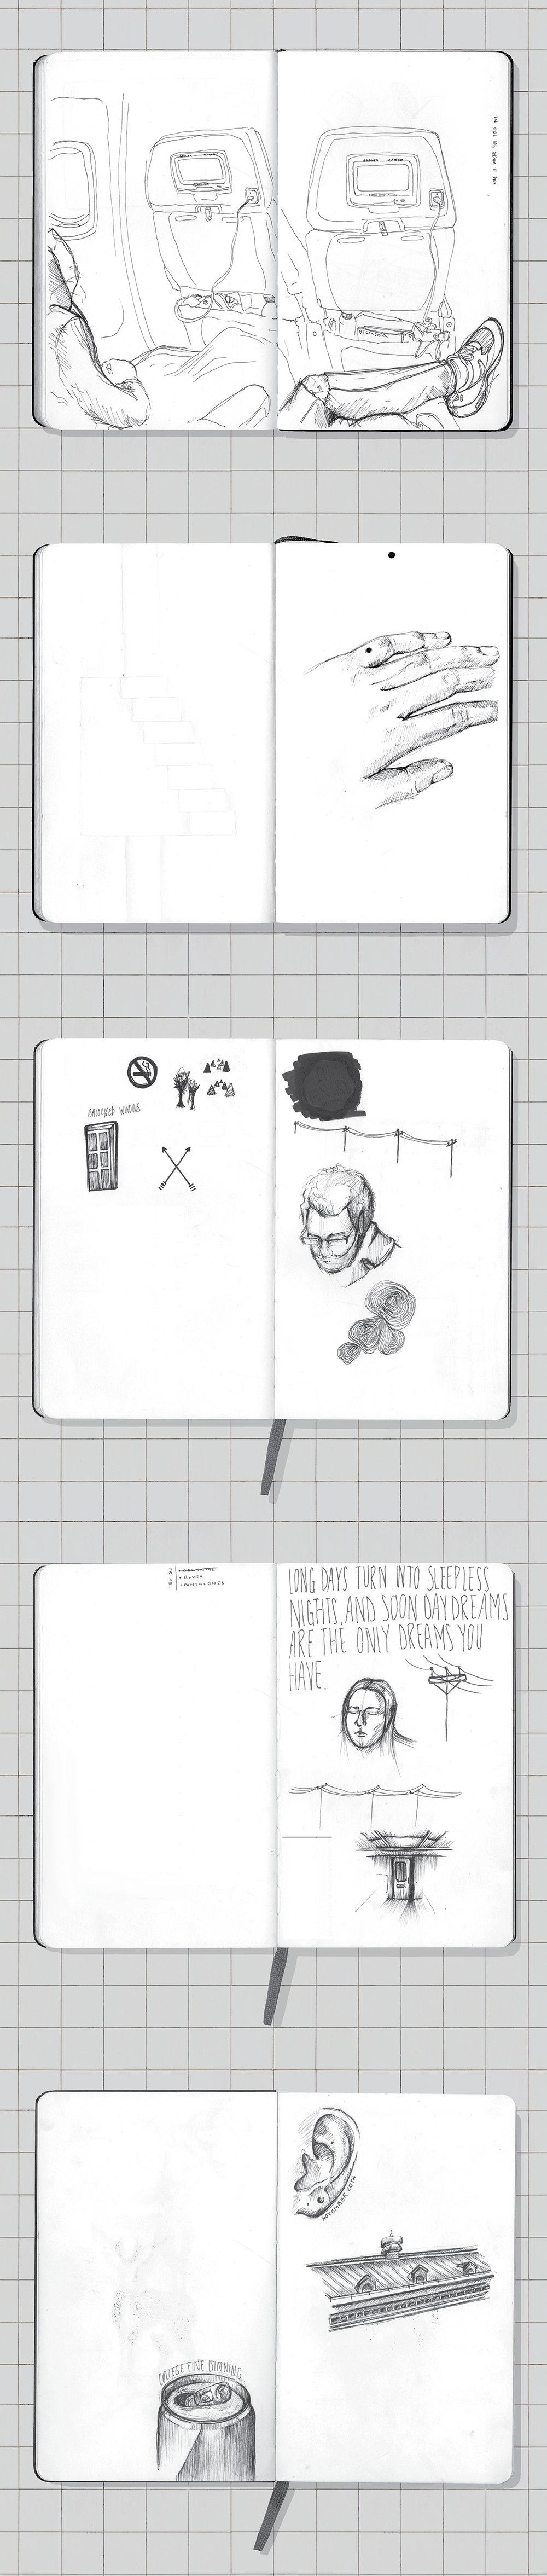 sketchbook_1.jpg